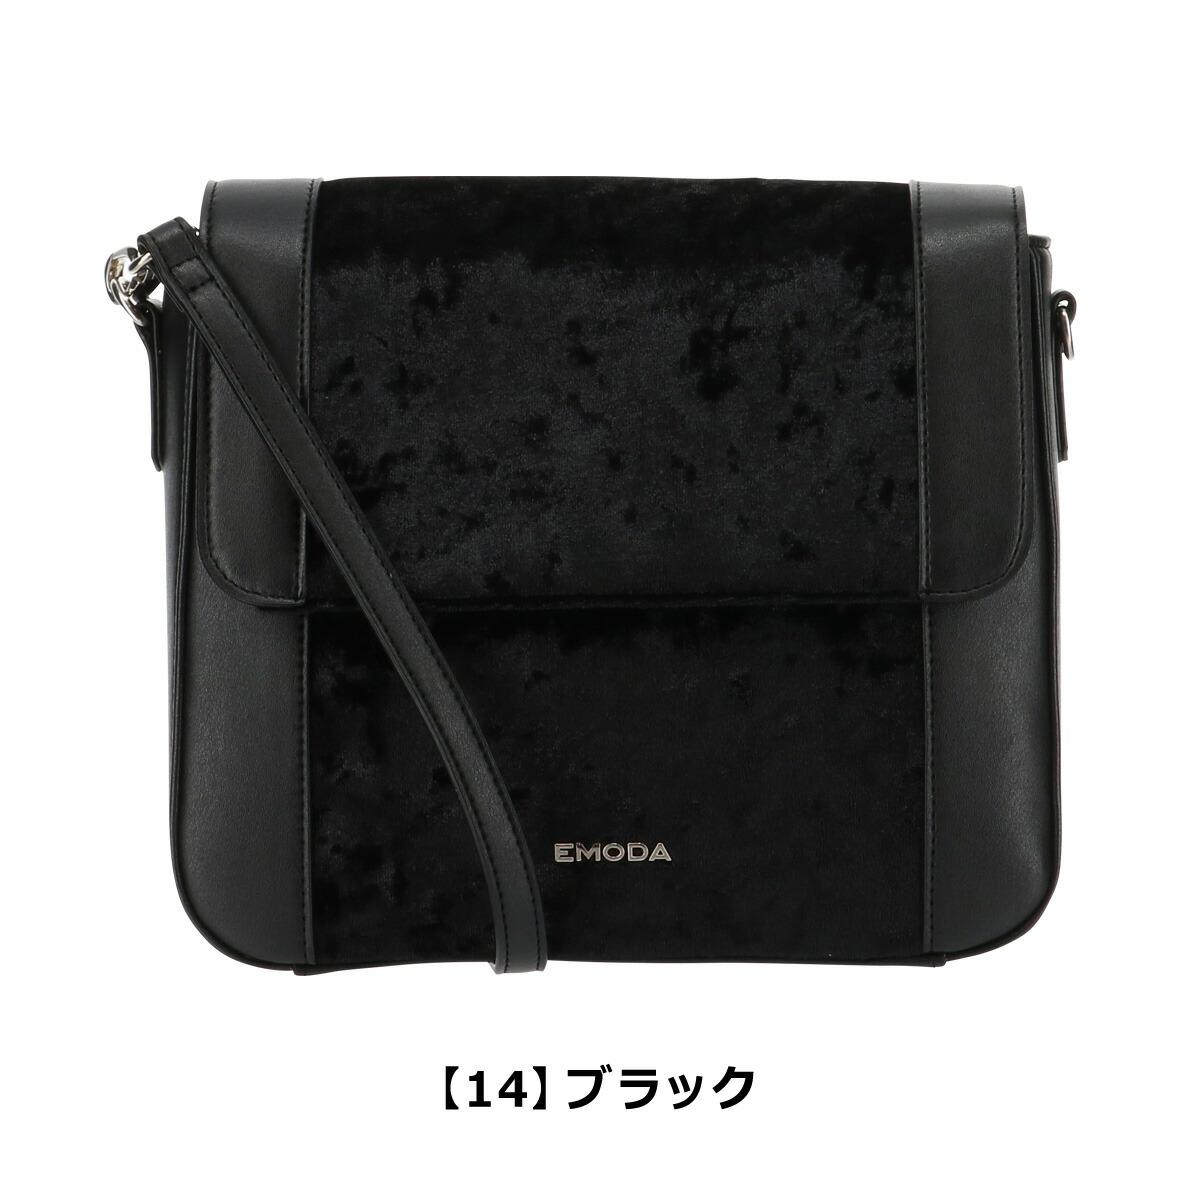 【14】ブラック